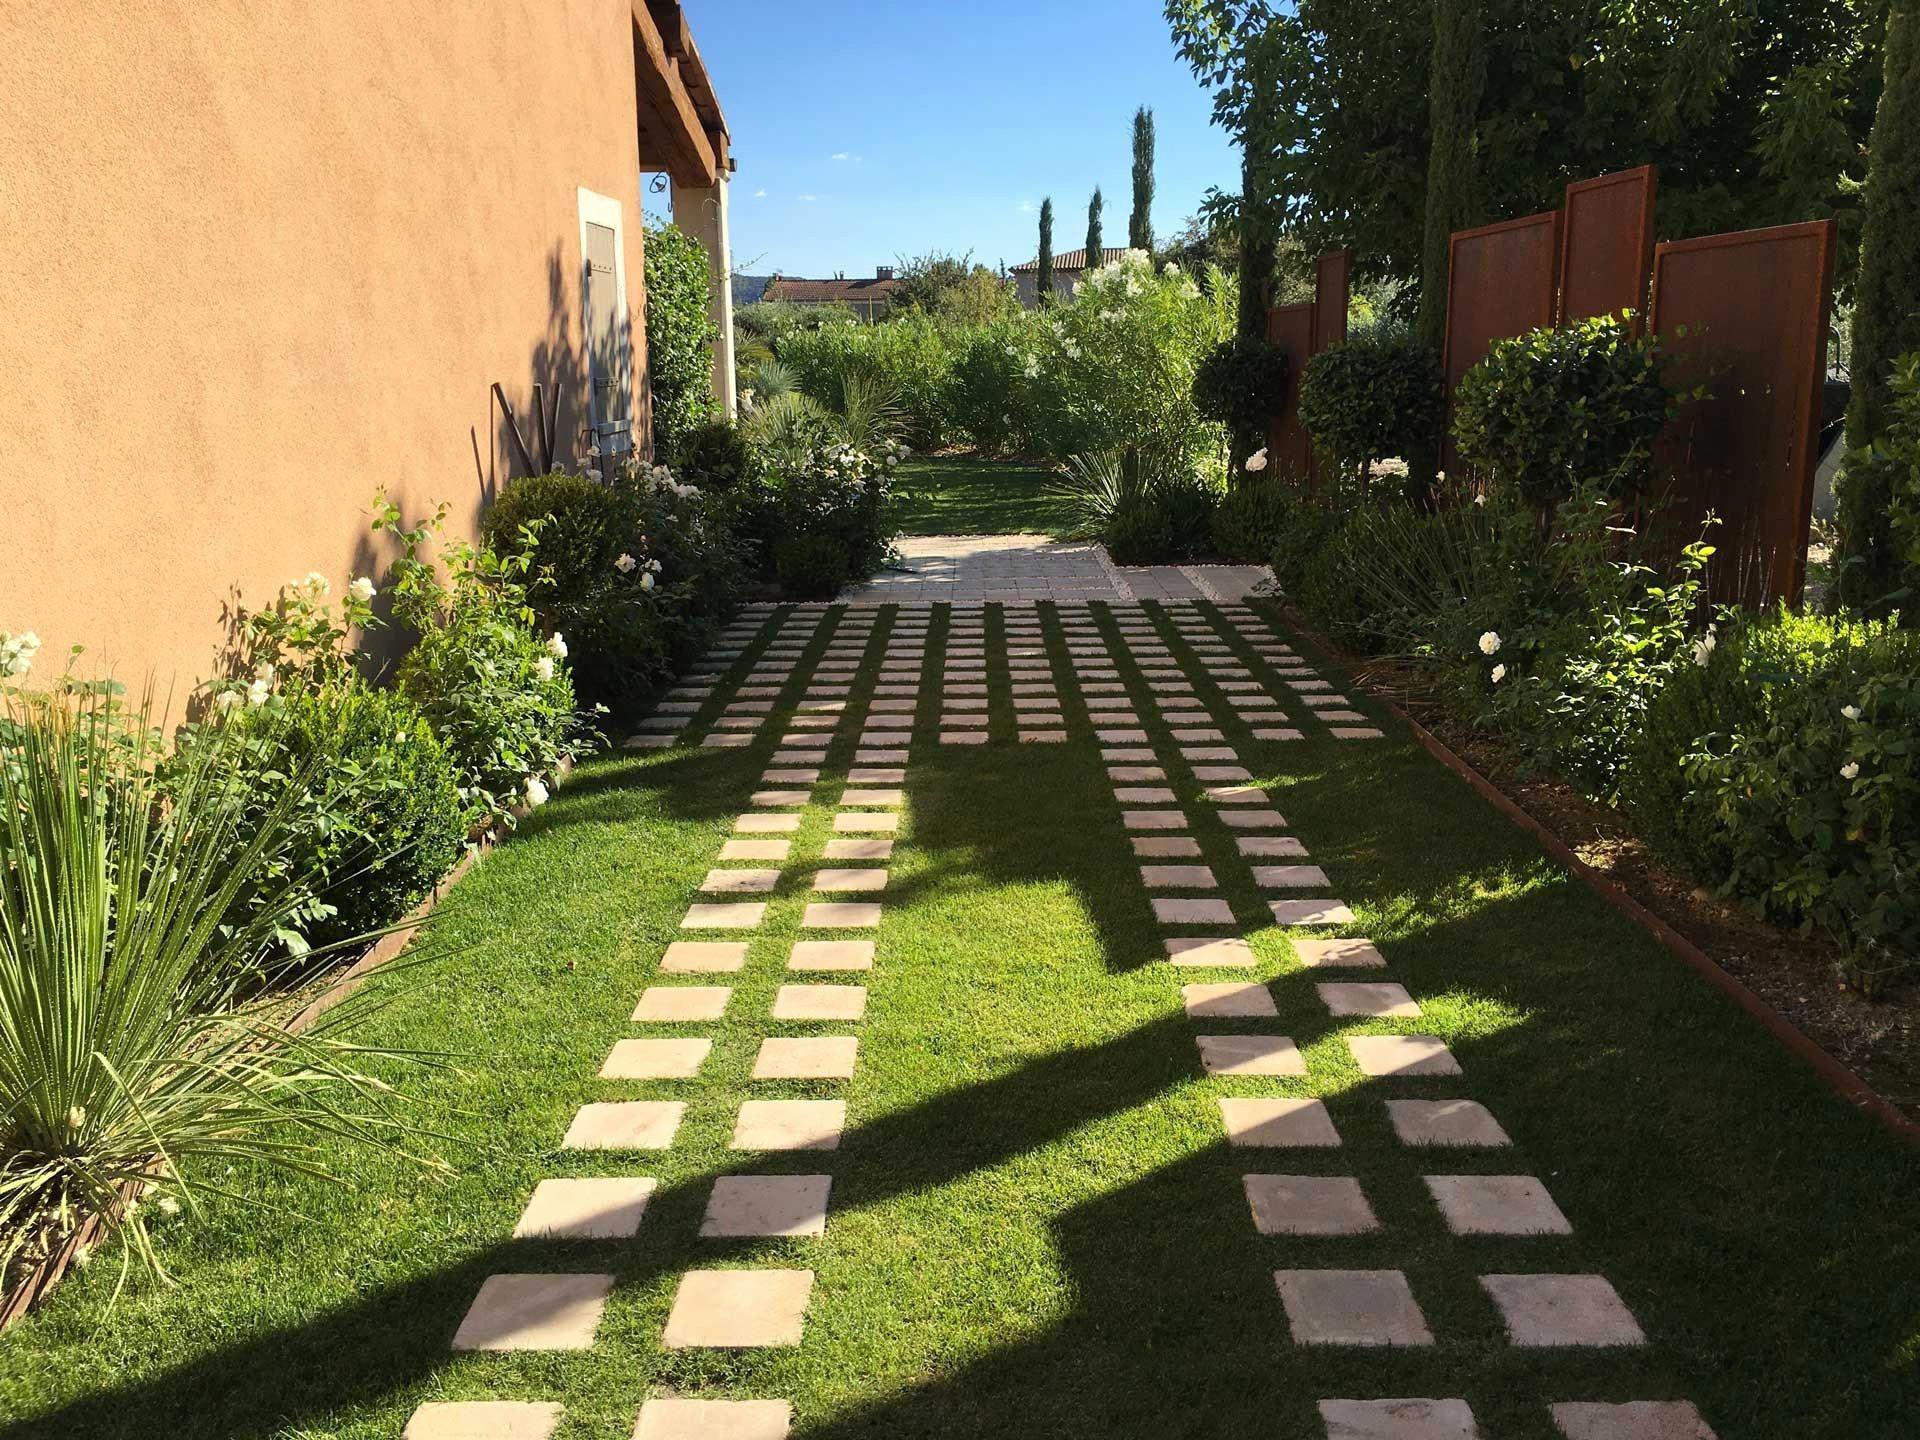 Logiciel Gratuit Paysagiste Meilleur De Images Logiciel Amenagement Exterieur De Maison Maison Jardin Et Terrasse